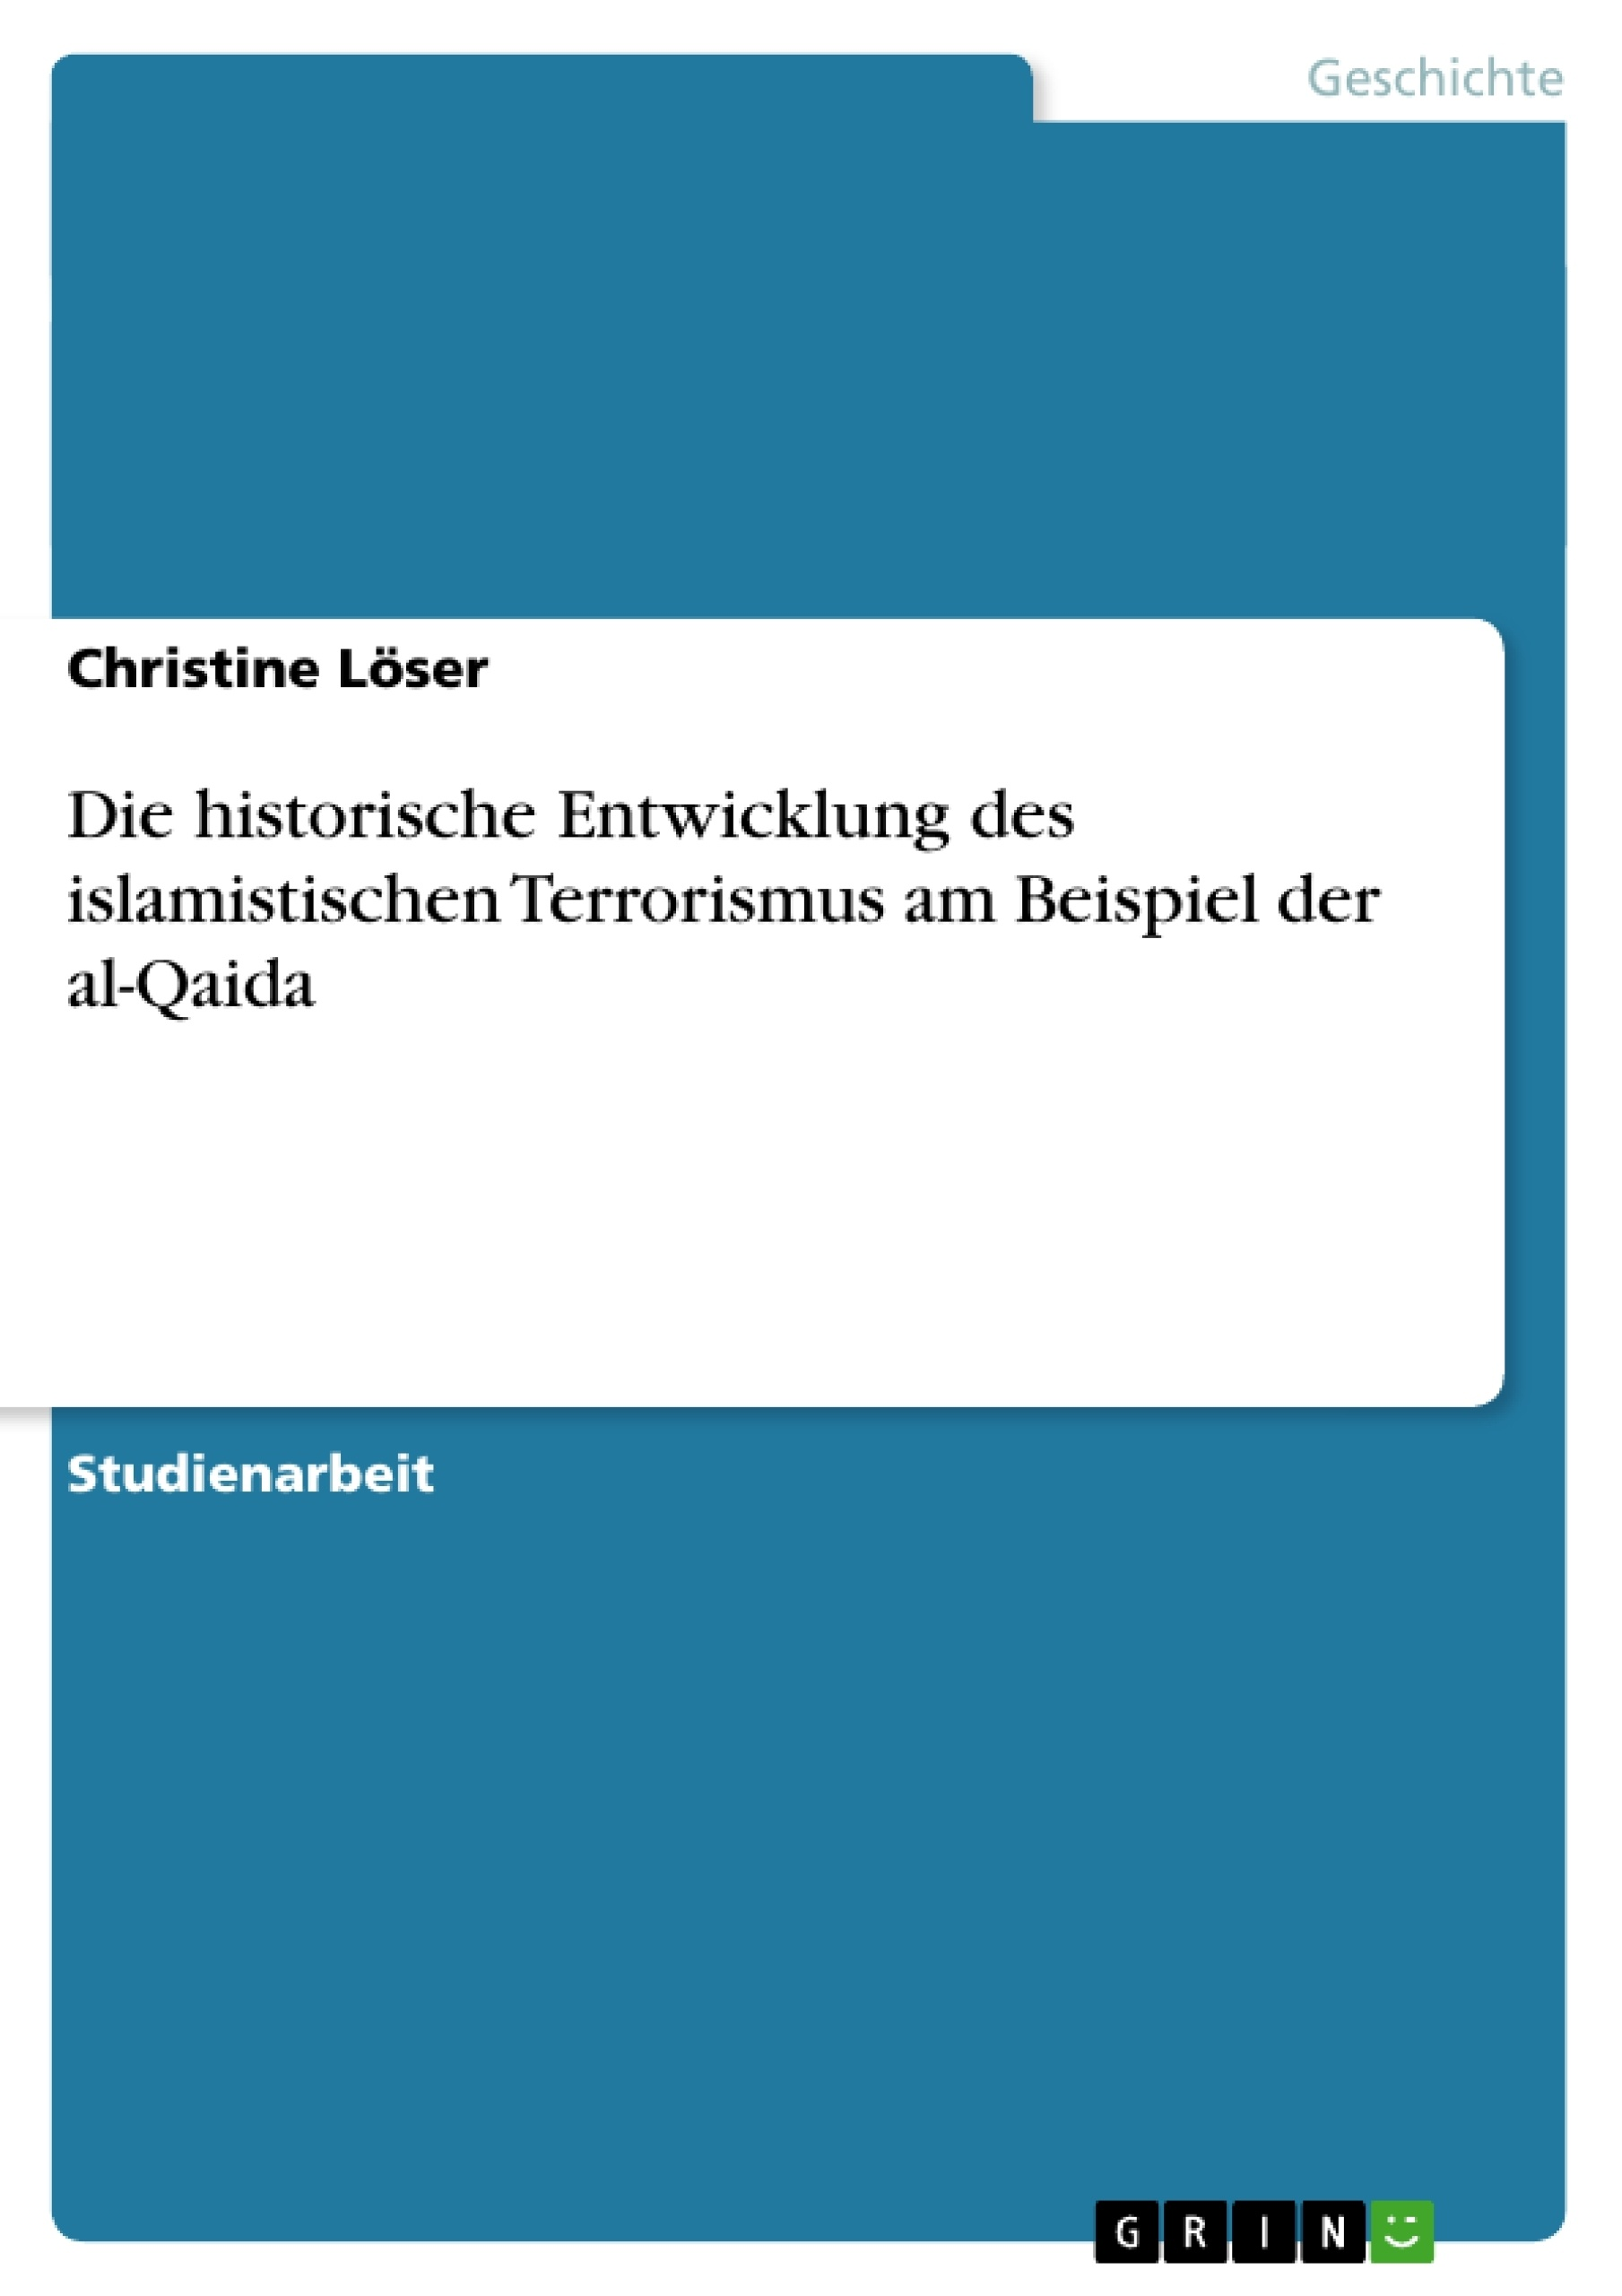 Titel: Die historische Entwicklung des islamistischen Terrorismus am Beispiel der al-Qaida